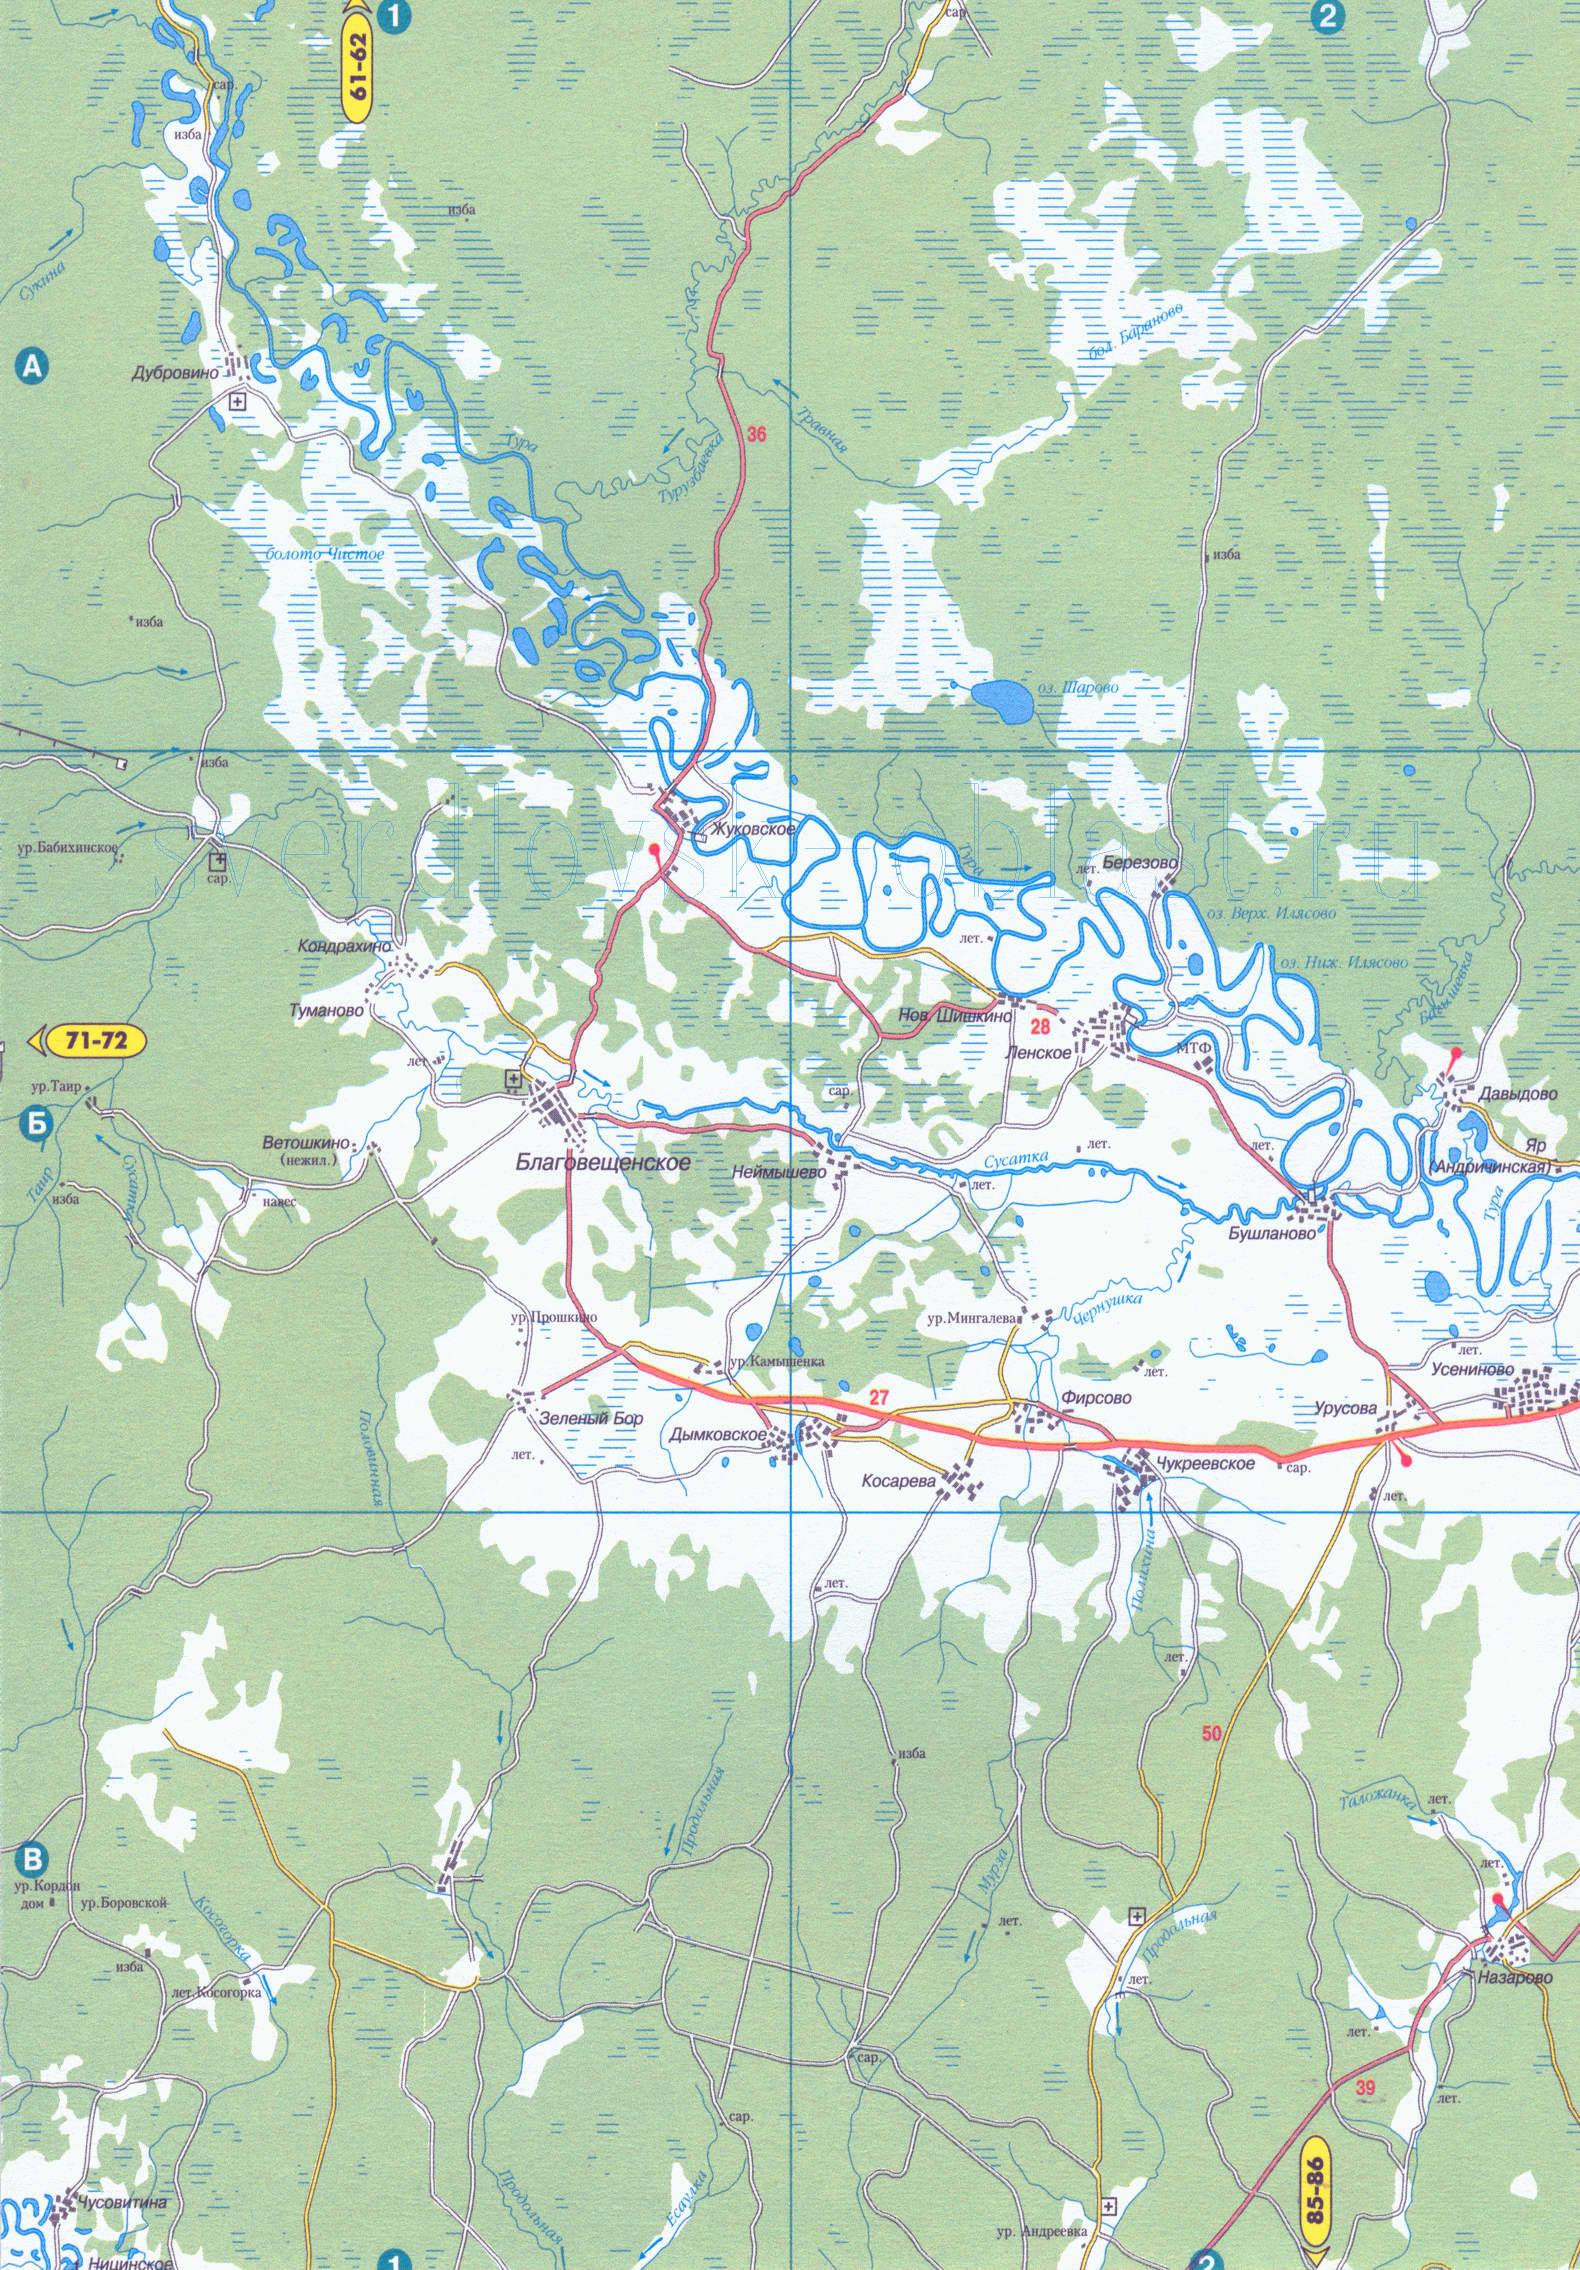 Адресная карта города Королев на сайте геоКоролёв